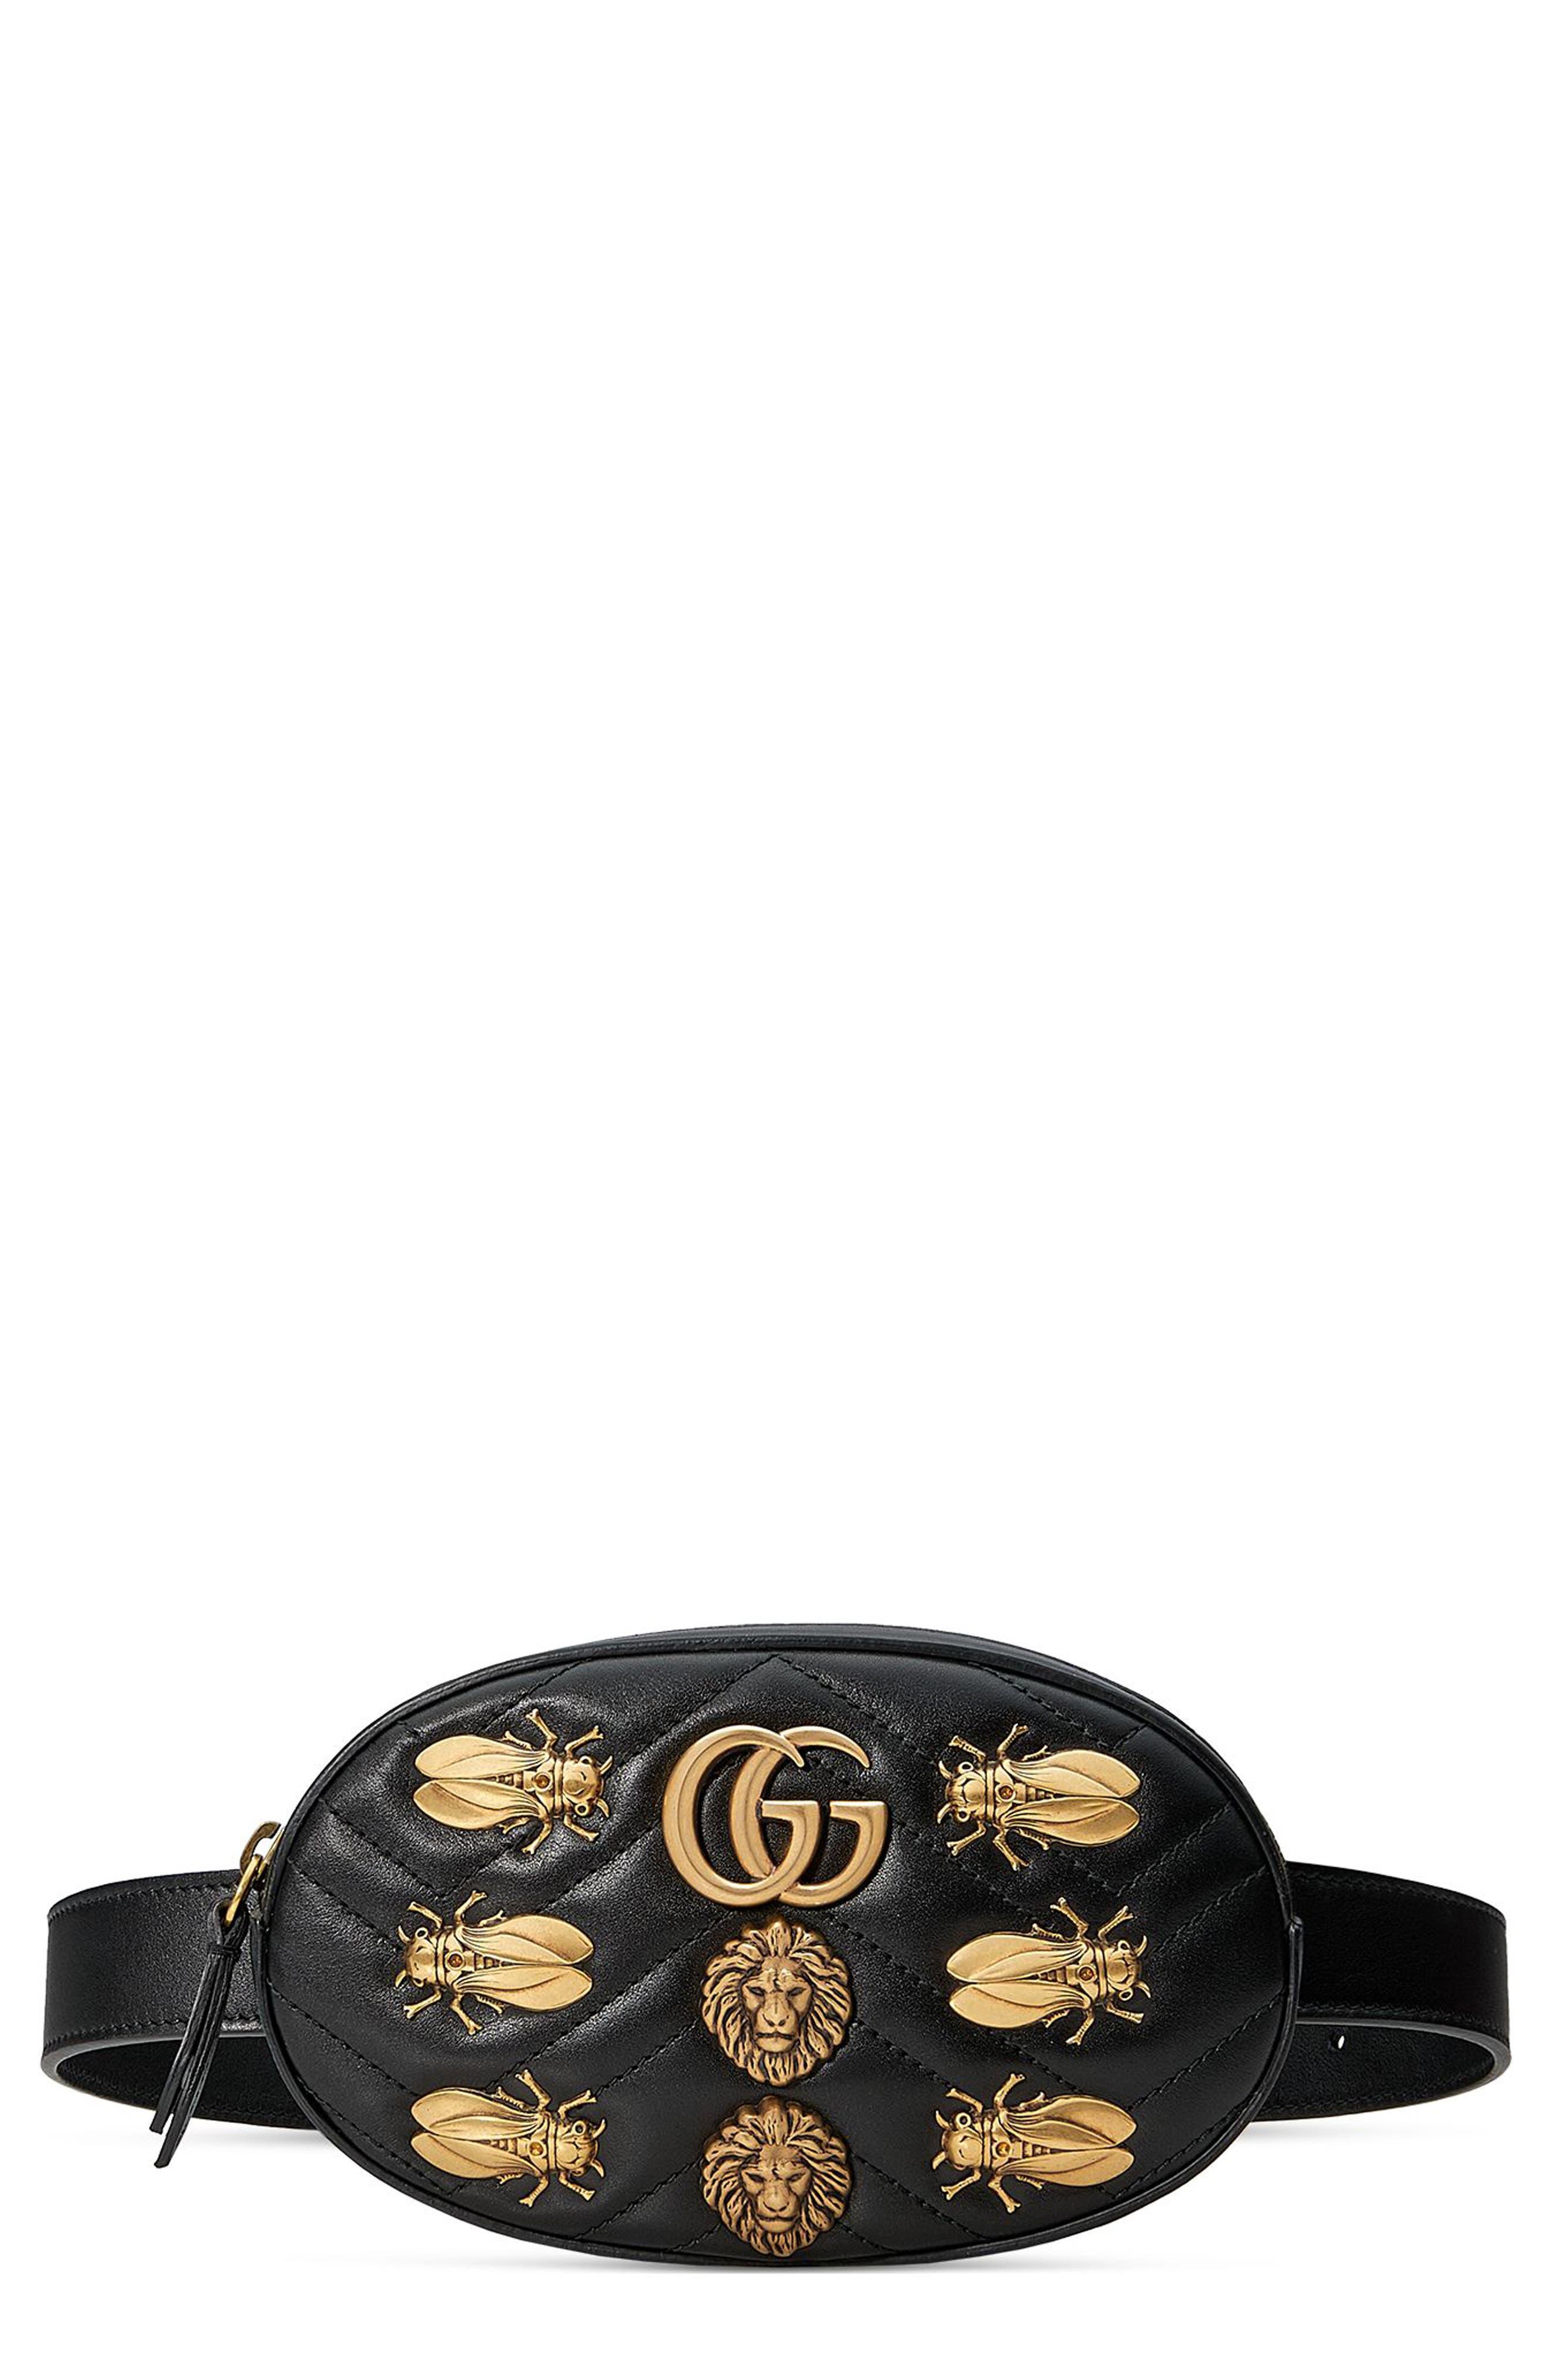 GG Marmont 2.0 Animal Stud Matelassé Leather Belt Bag, Main, color, 001